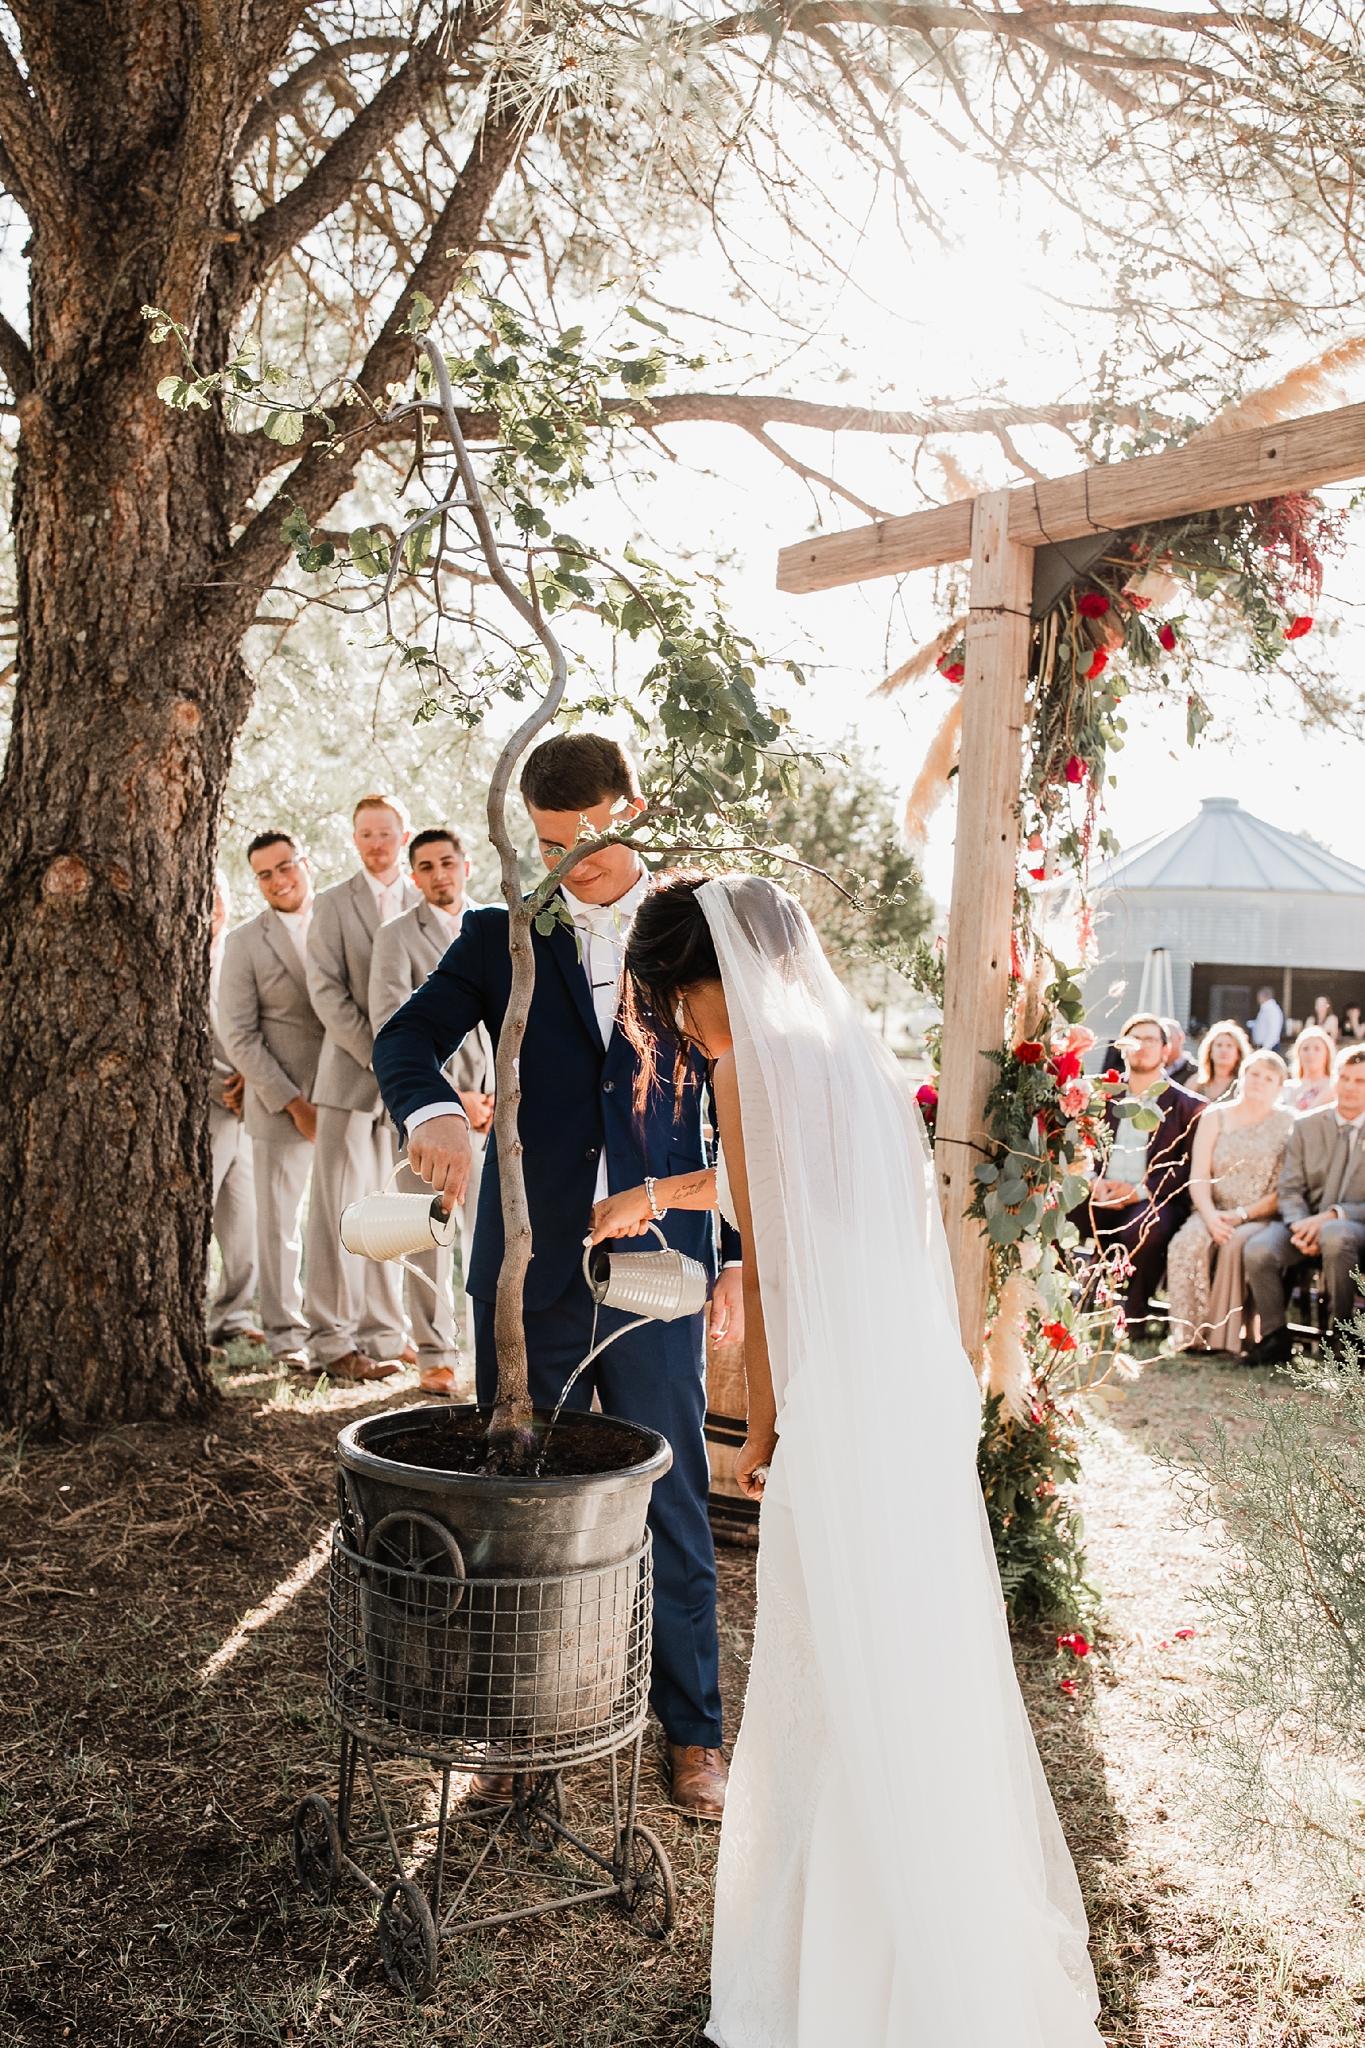 Alicia+lucia+photography+-+albuquerque+wedding+photographer+-+santa+fe+wedding+photography+-+new+mexico+wedding+photographer+-+new+mexico+wedding+-+new+mexico+wedding+-+barn+wedding+-+enchanted+vine+barn+wedding+-+ruidoso+wedding_0106.jpg